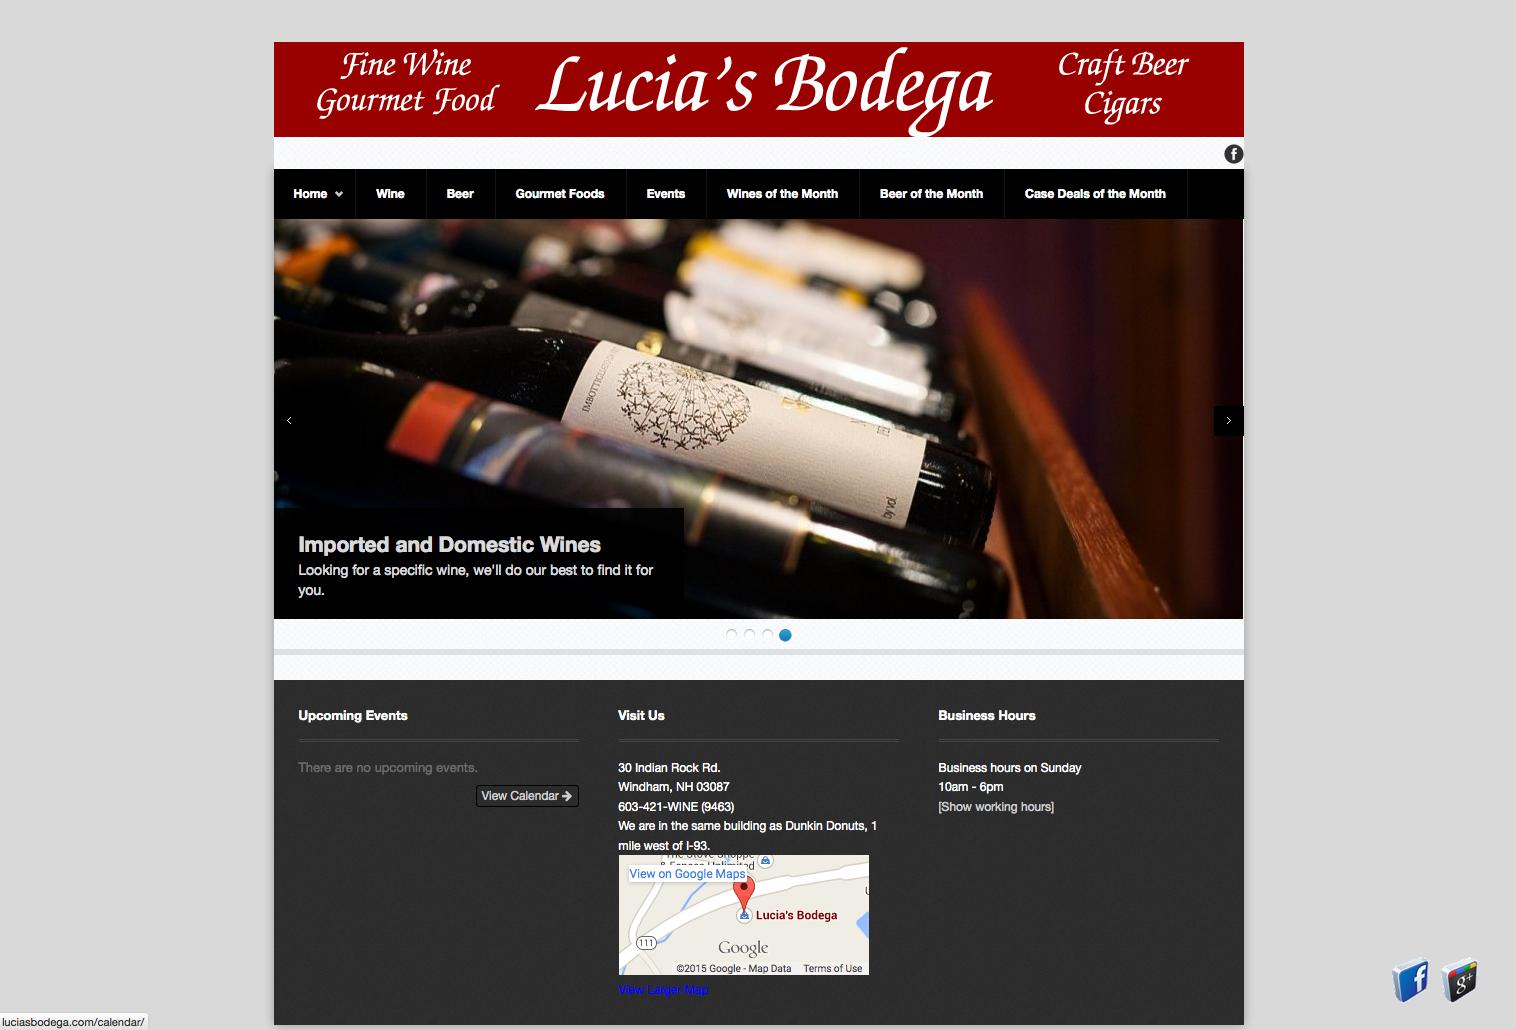 Lucia's Bodega